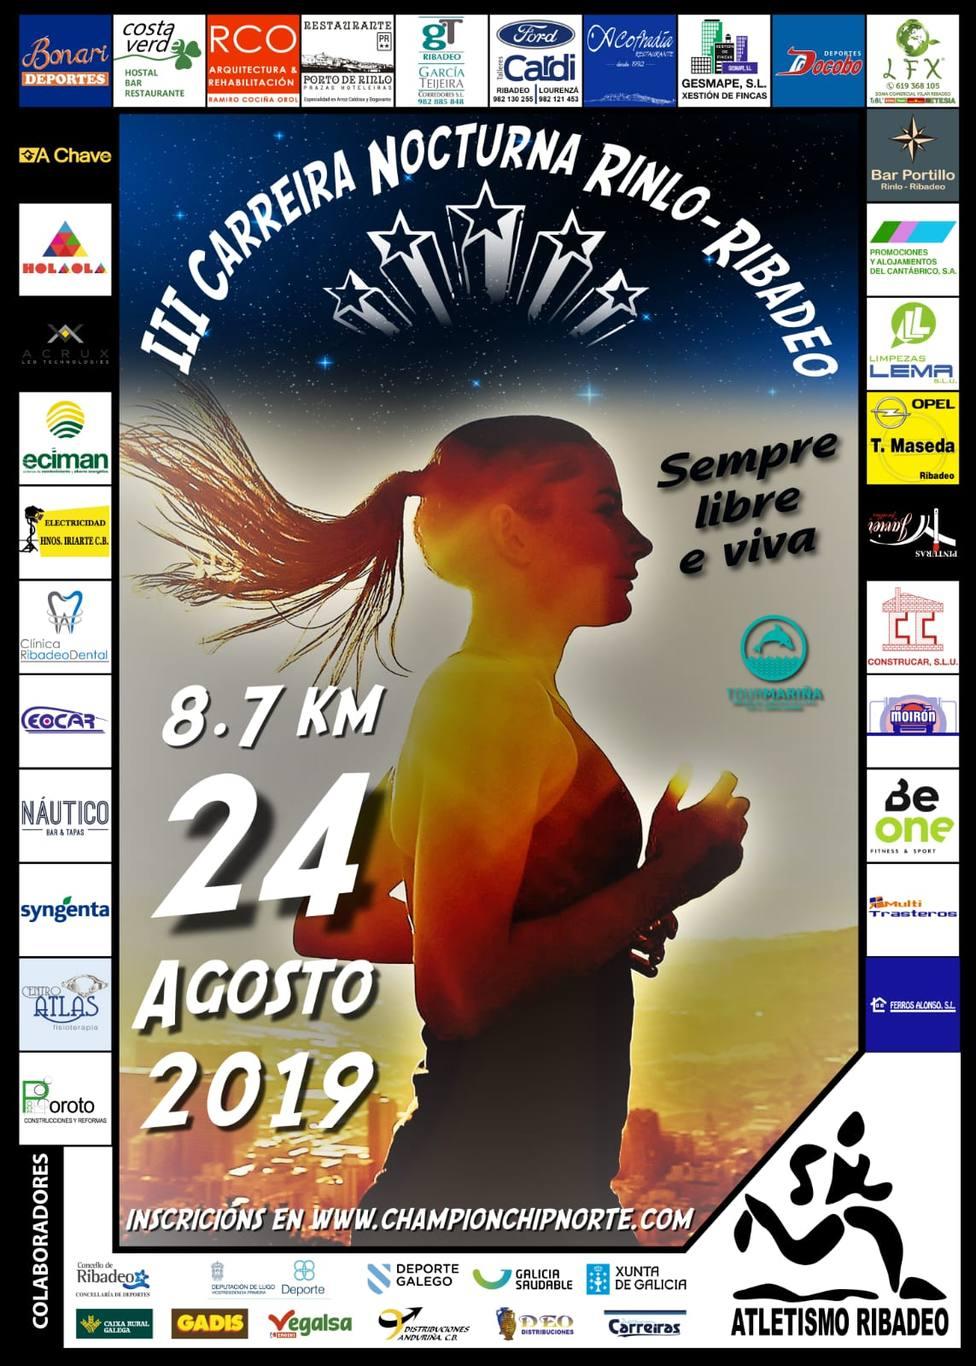 Cartel de la III Carrera Nocturna Rinlo-Ribadeo